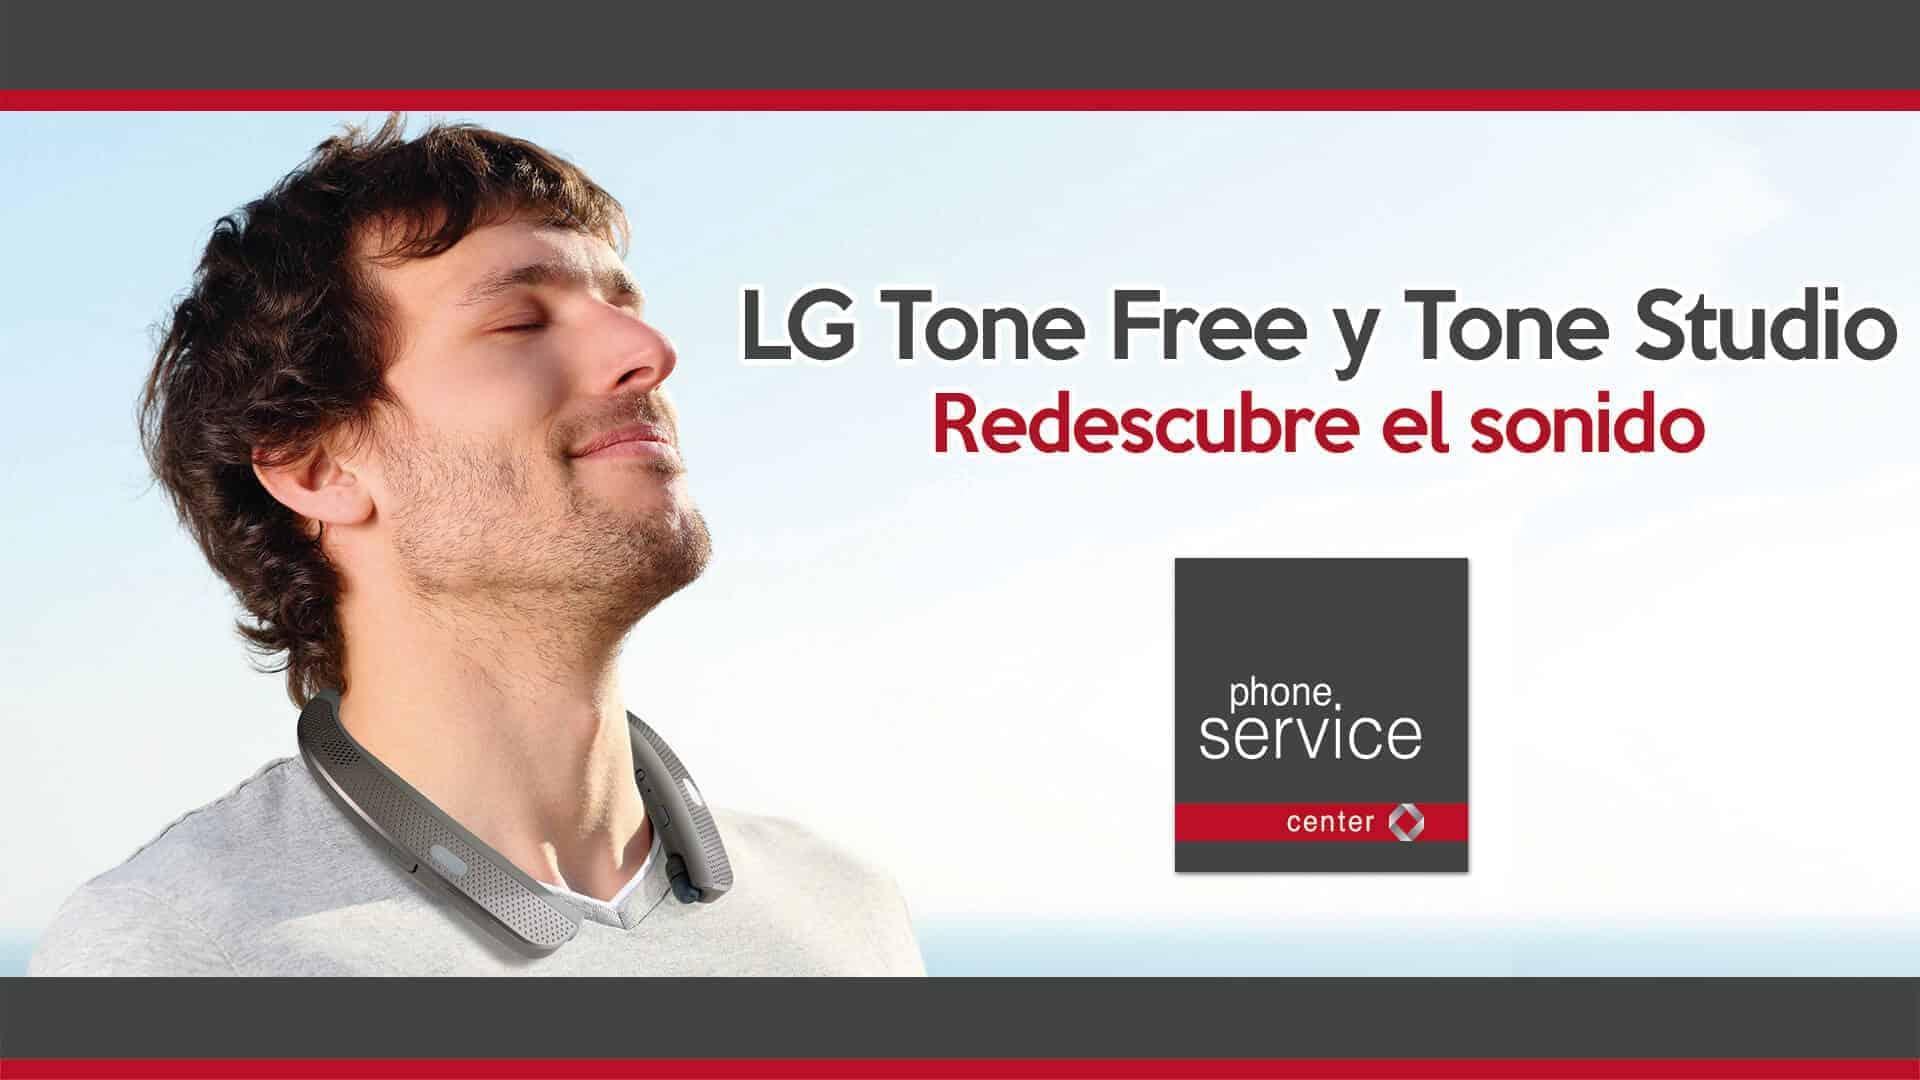 lg-tone-free-y-tone-studio-redescubre-el-sonido